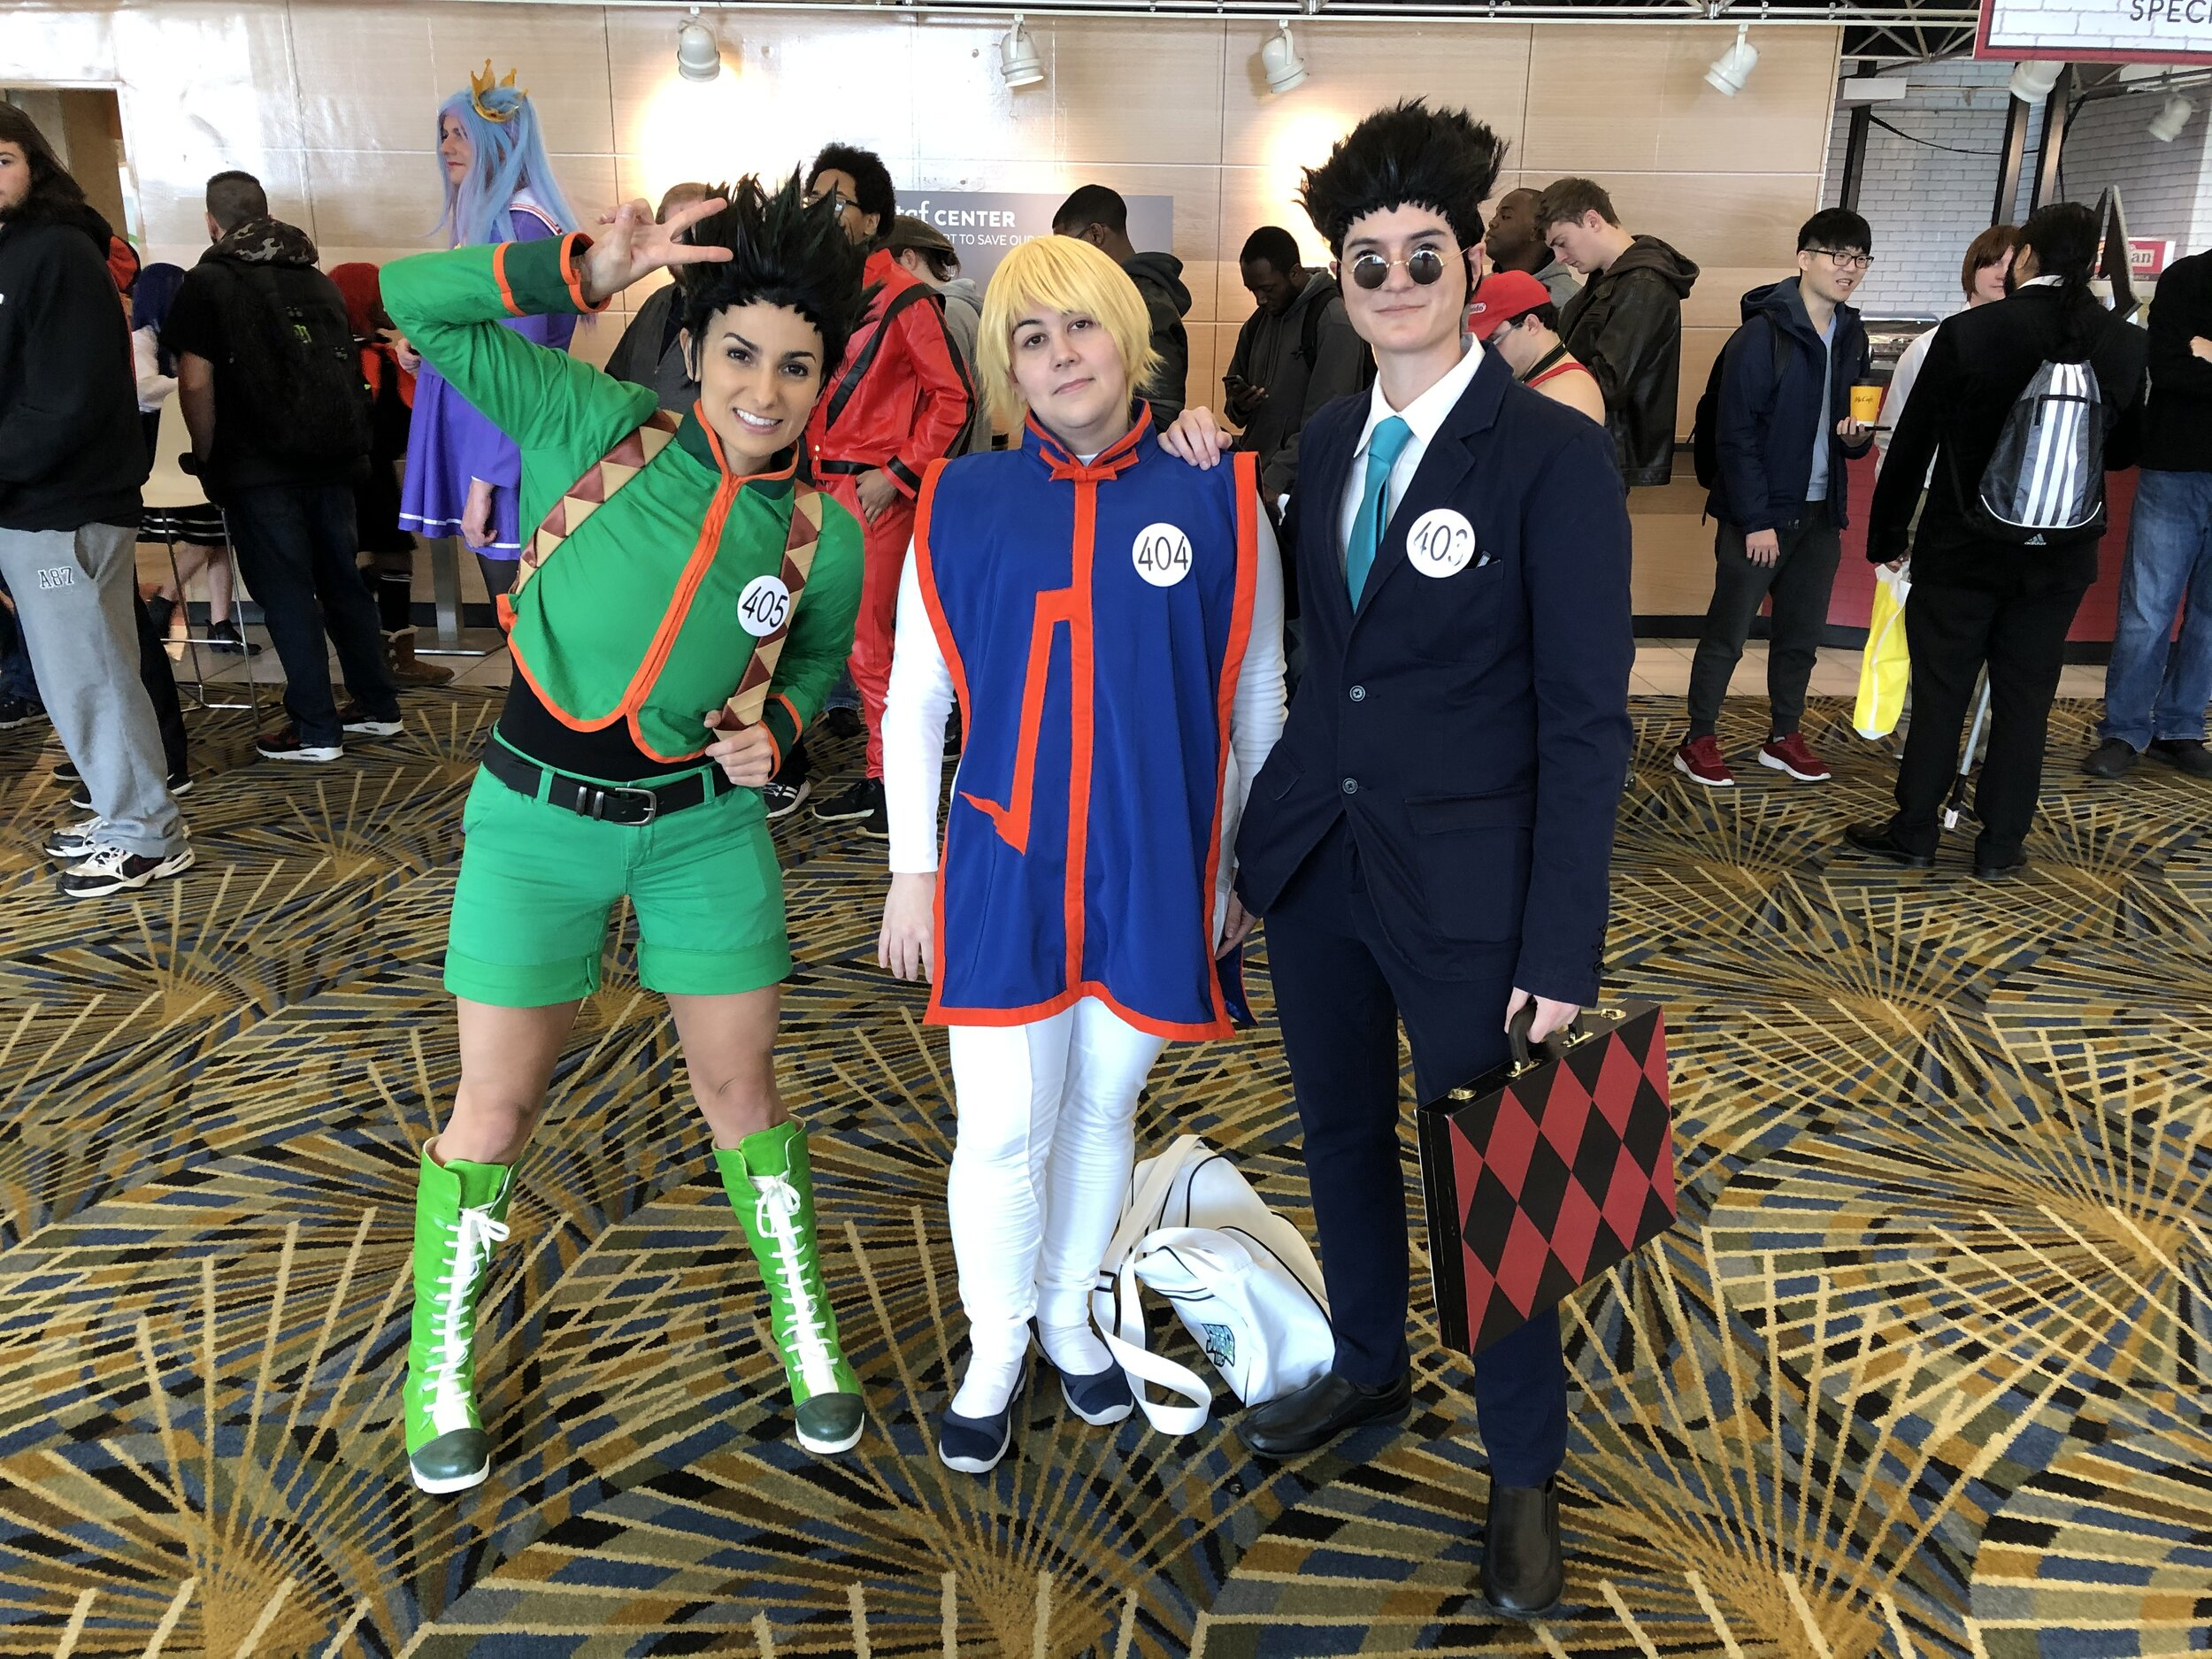 Gon, Kurapika & Leorio (Hunter X Hunter)